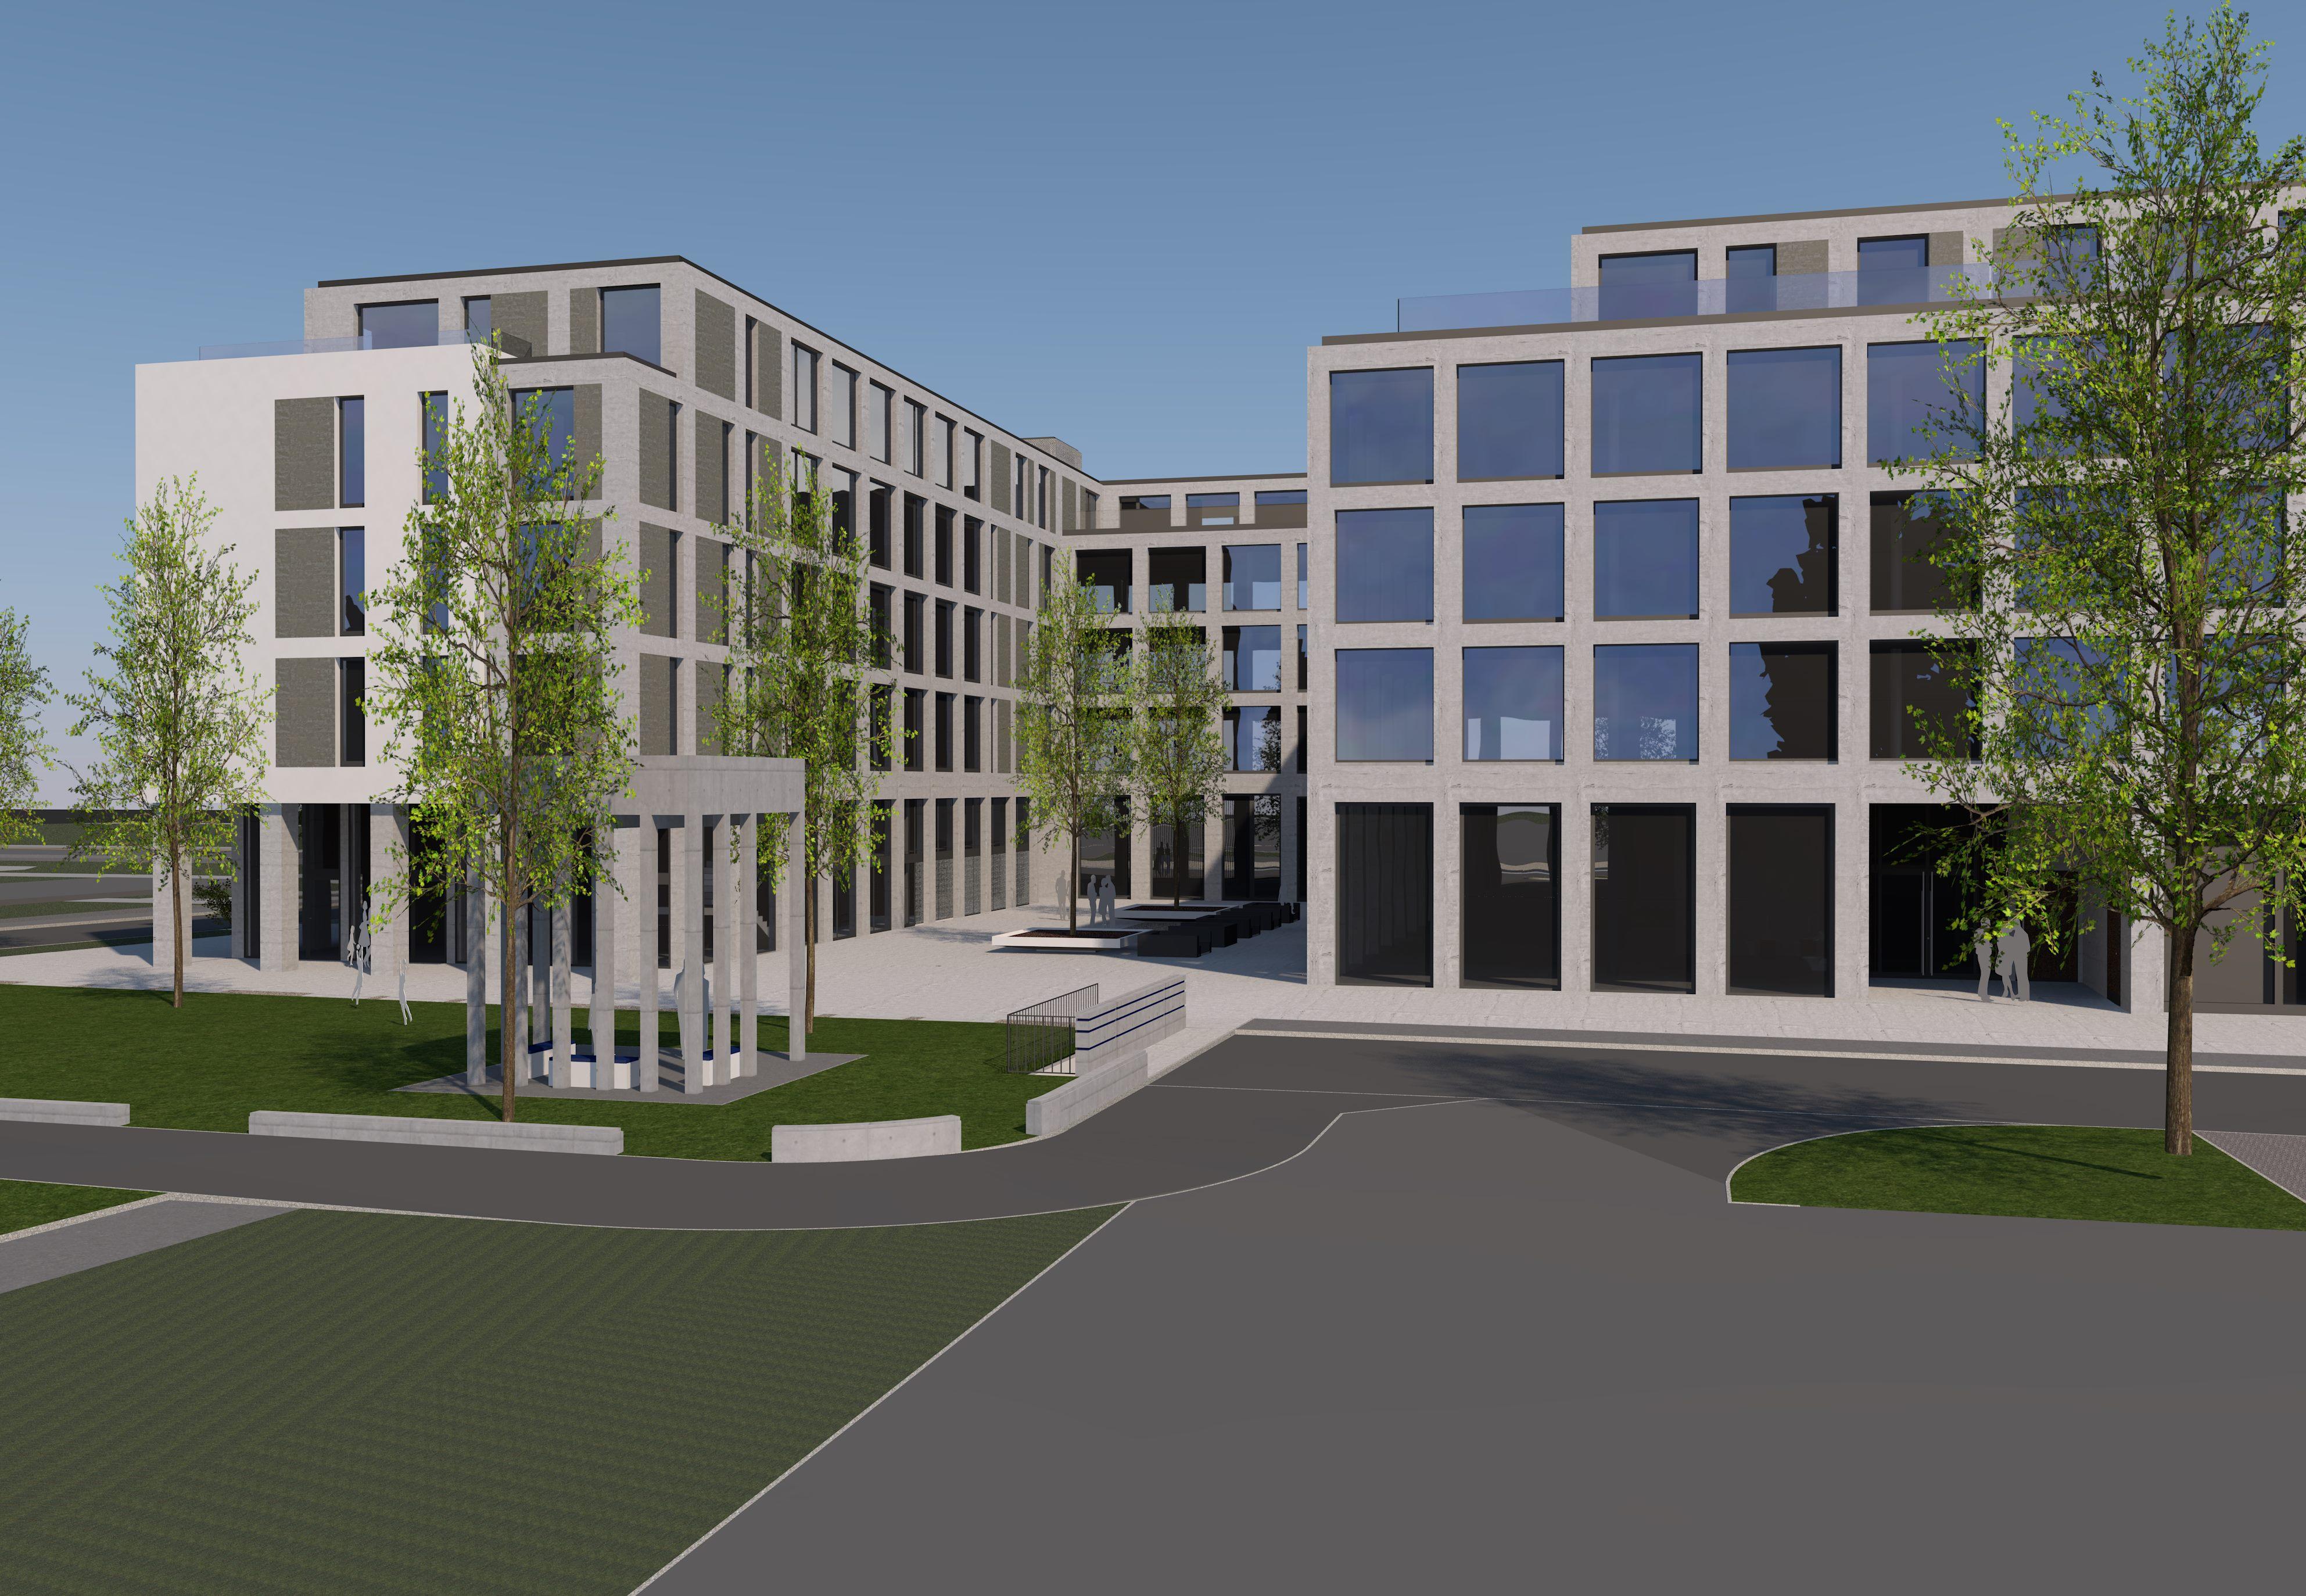 Im Innenhof des geplanten Neubaus am Littauer Bodenhof soll es grünen.